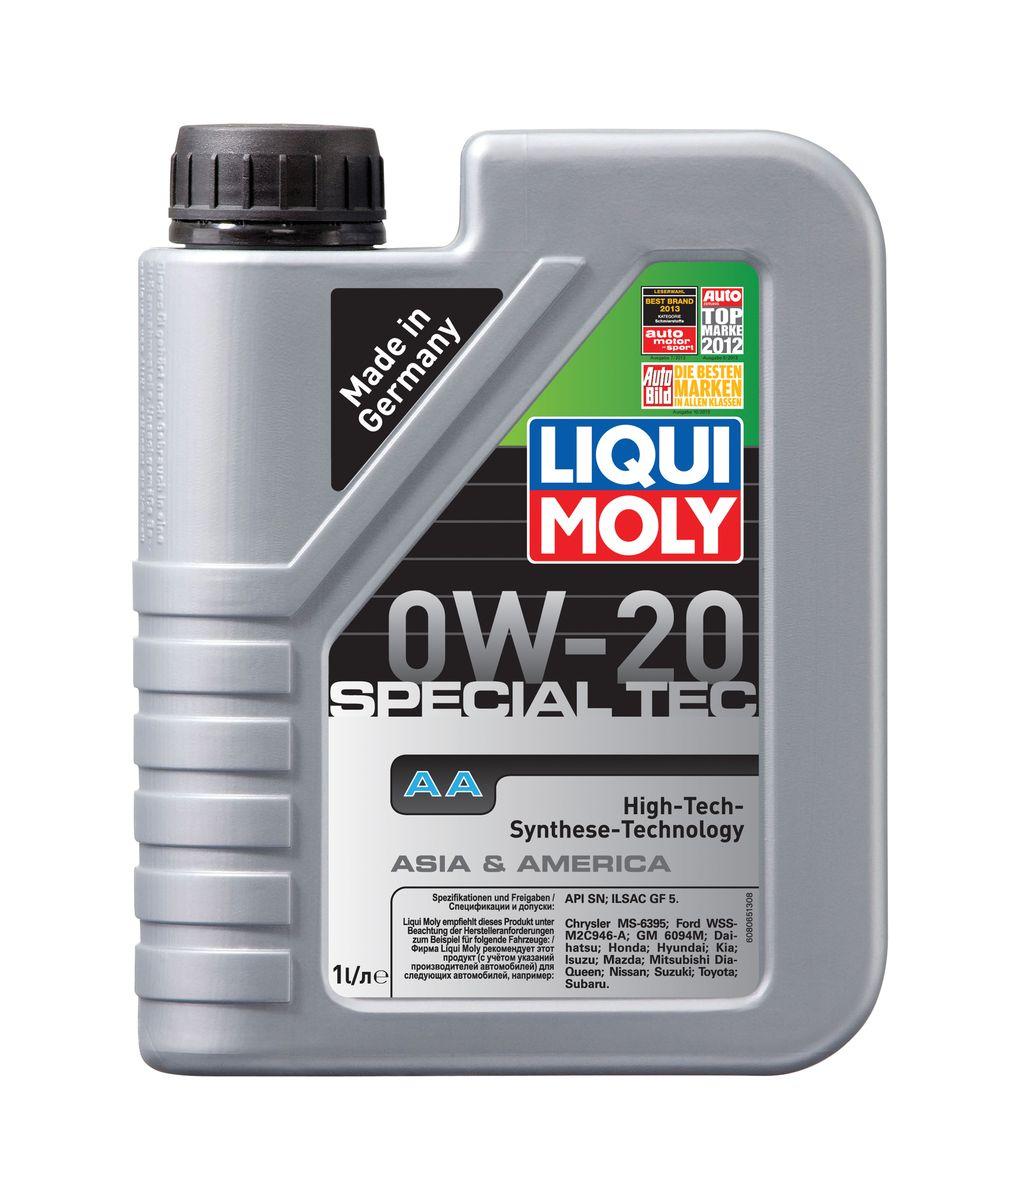 """Масло моторное Liqui Moly """"Special Tec AA"""", НС-синтетическое, 0W-20, 1 л"""